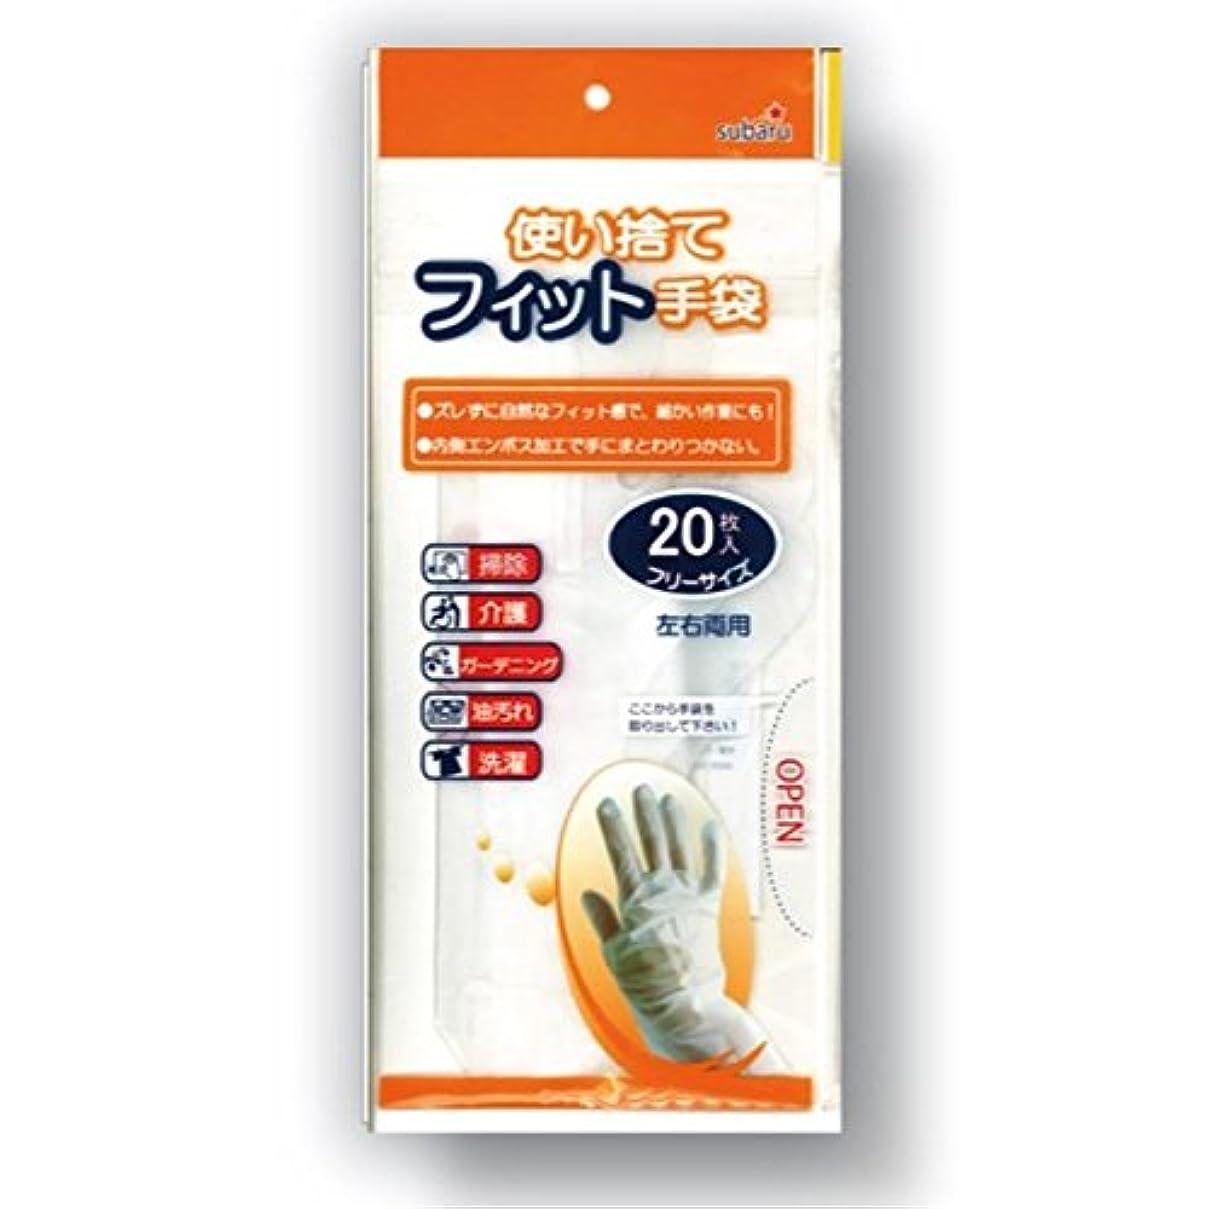 おとなしい十年明らかにする使い捨てフィット手袋フリーサイズ20枚入[12個セット] 227-19